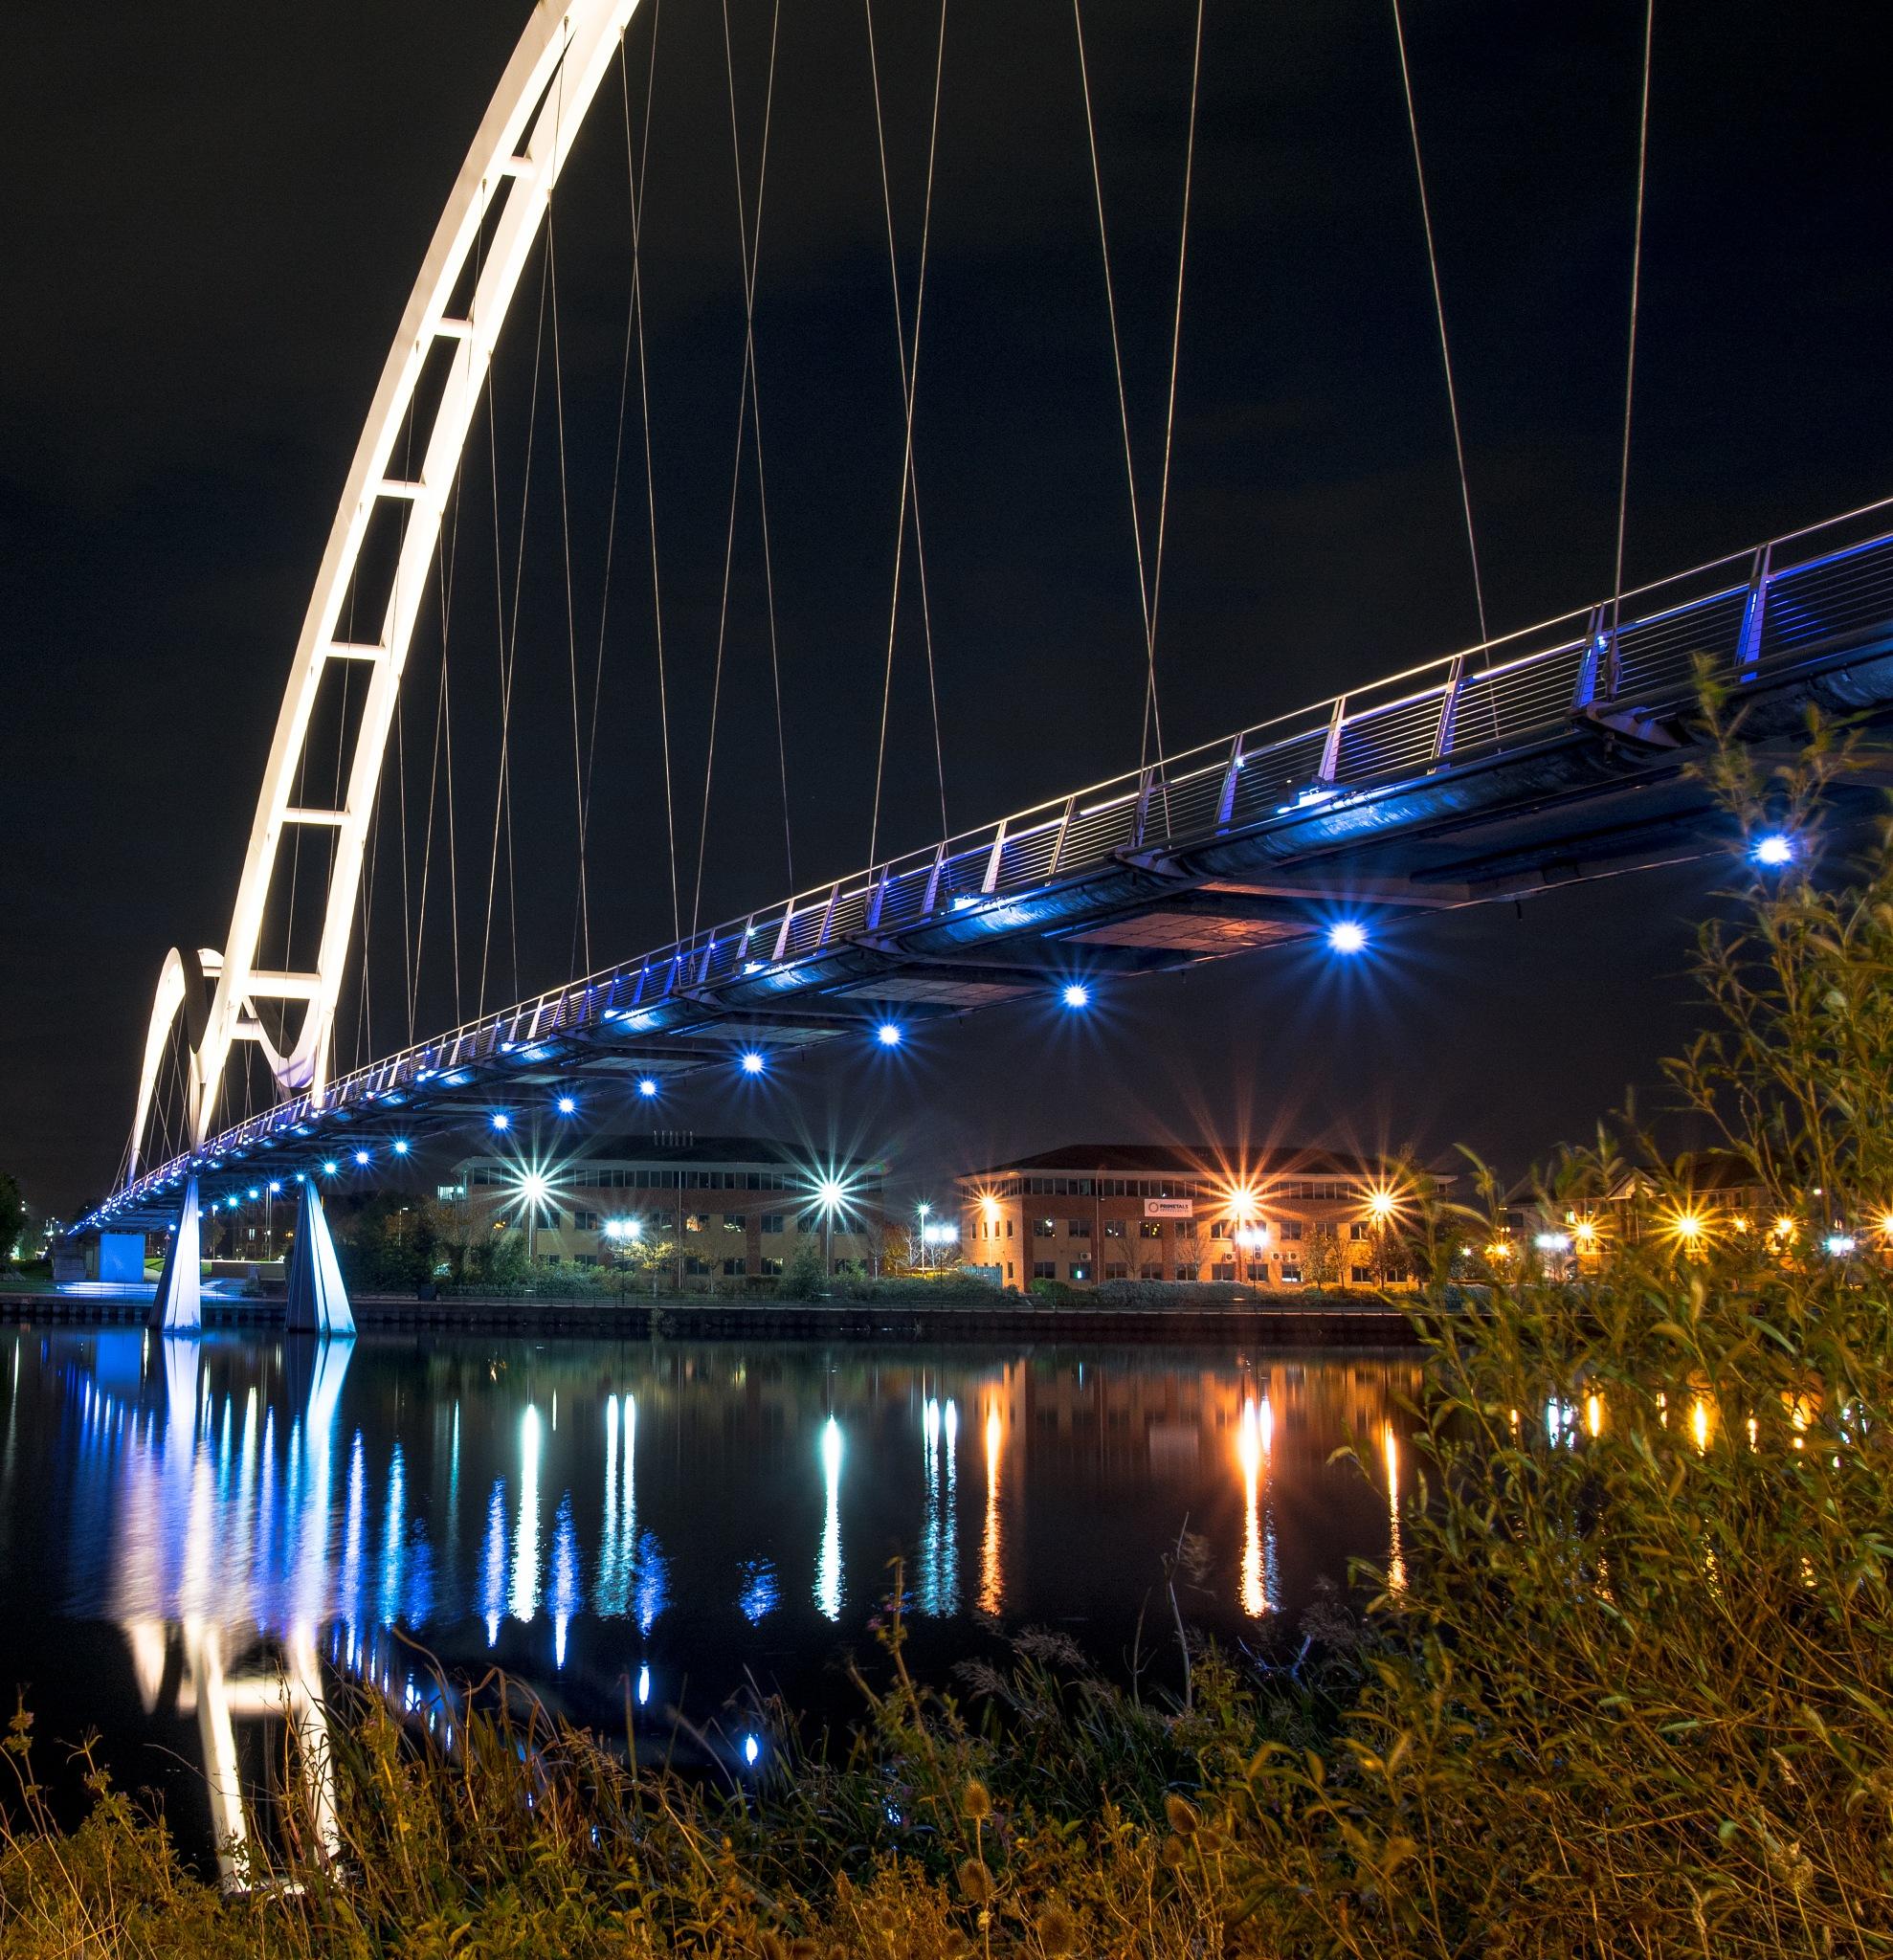 A bridge too far! by Neil Sheldon